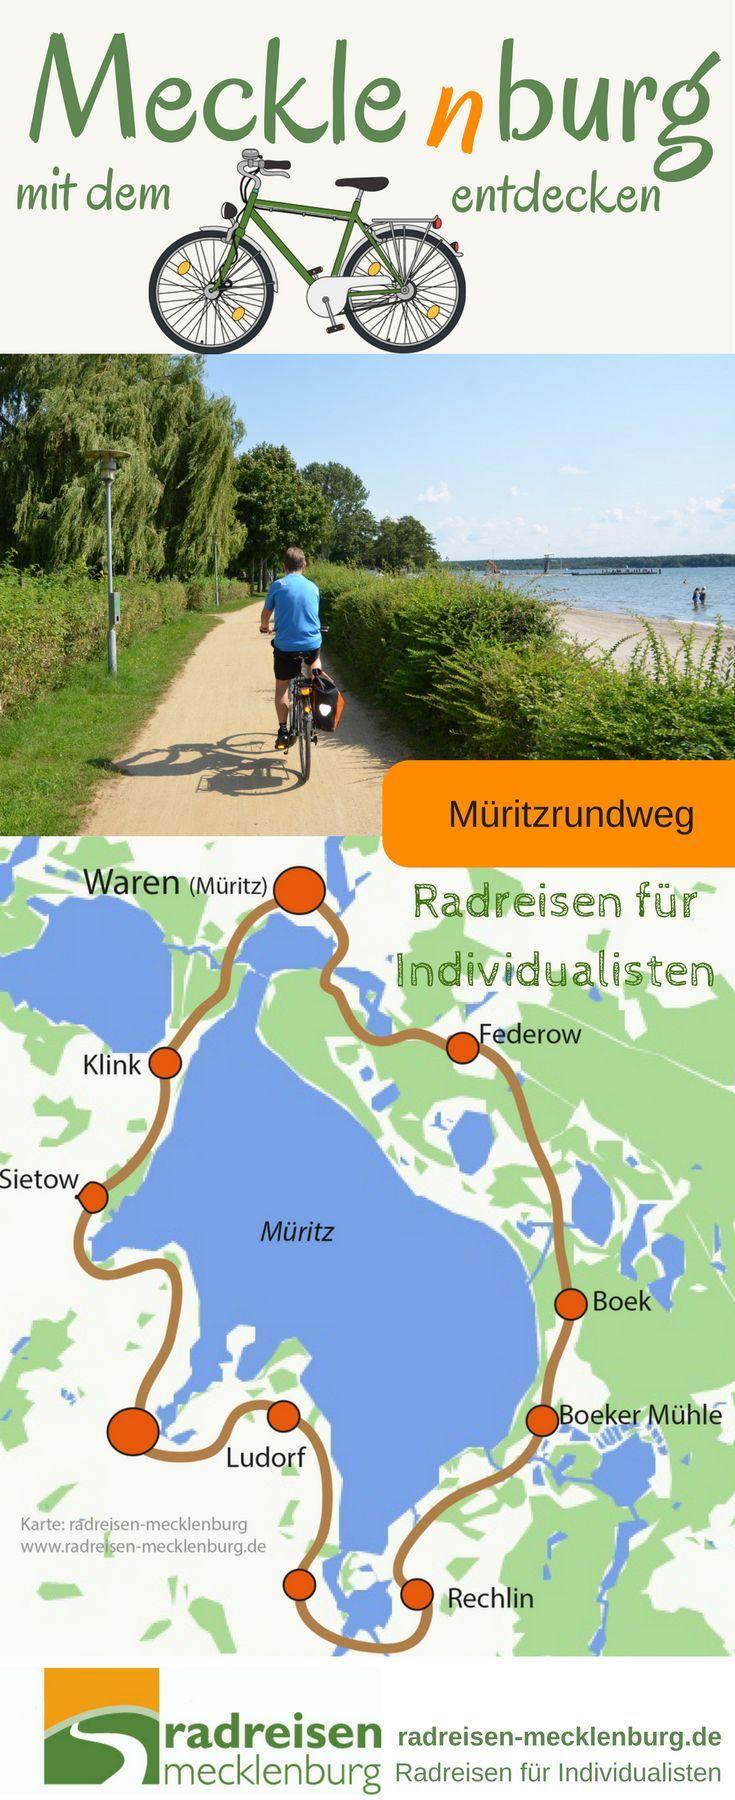 Im Herzen Mecklenburgs liegt eine Traumlandschaft Mecklenburgische Seenplatte mit über 2000 Seen